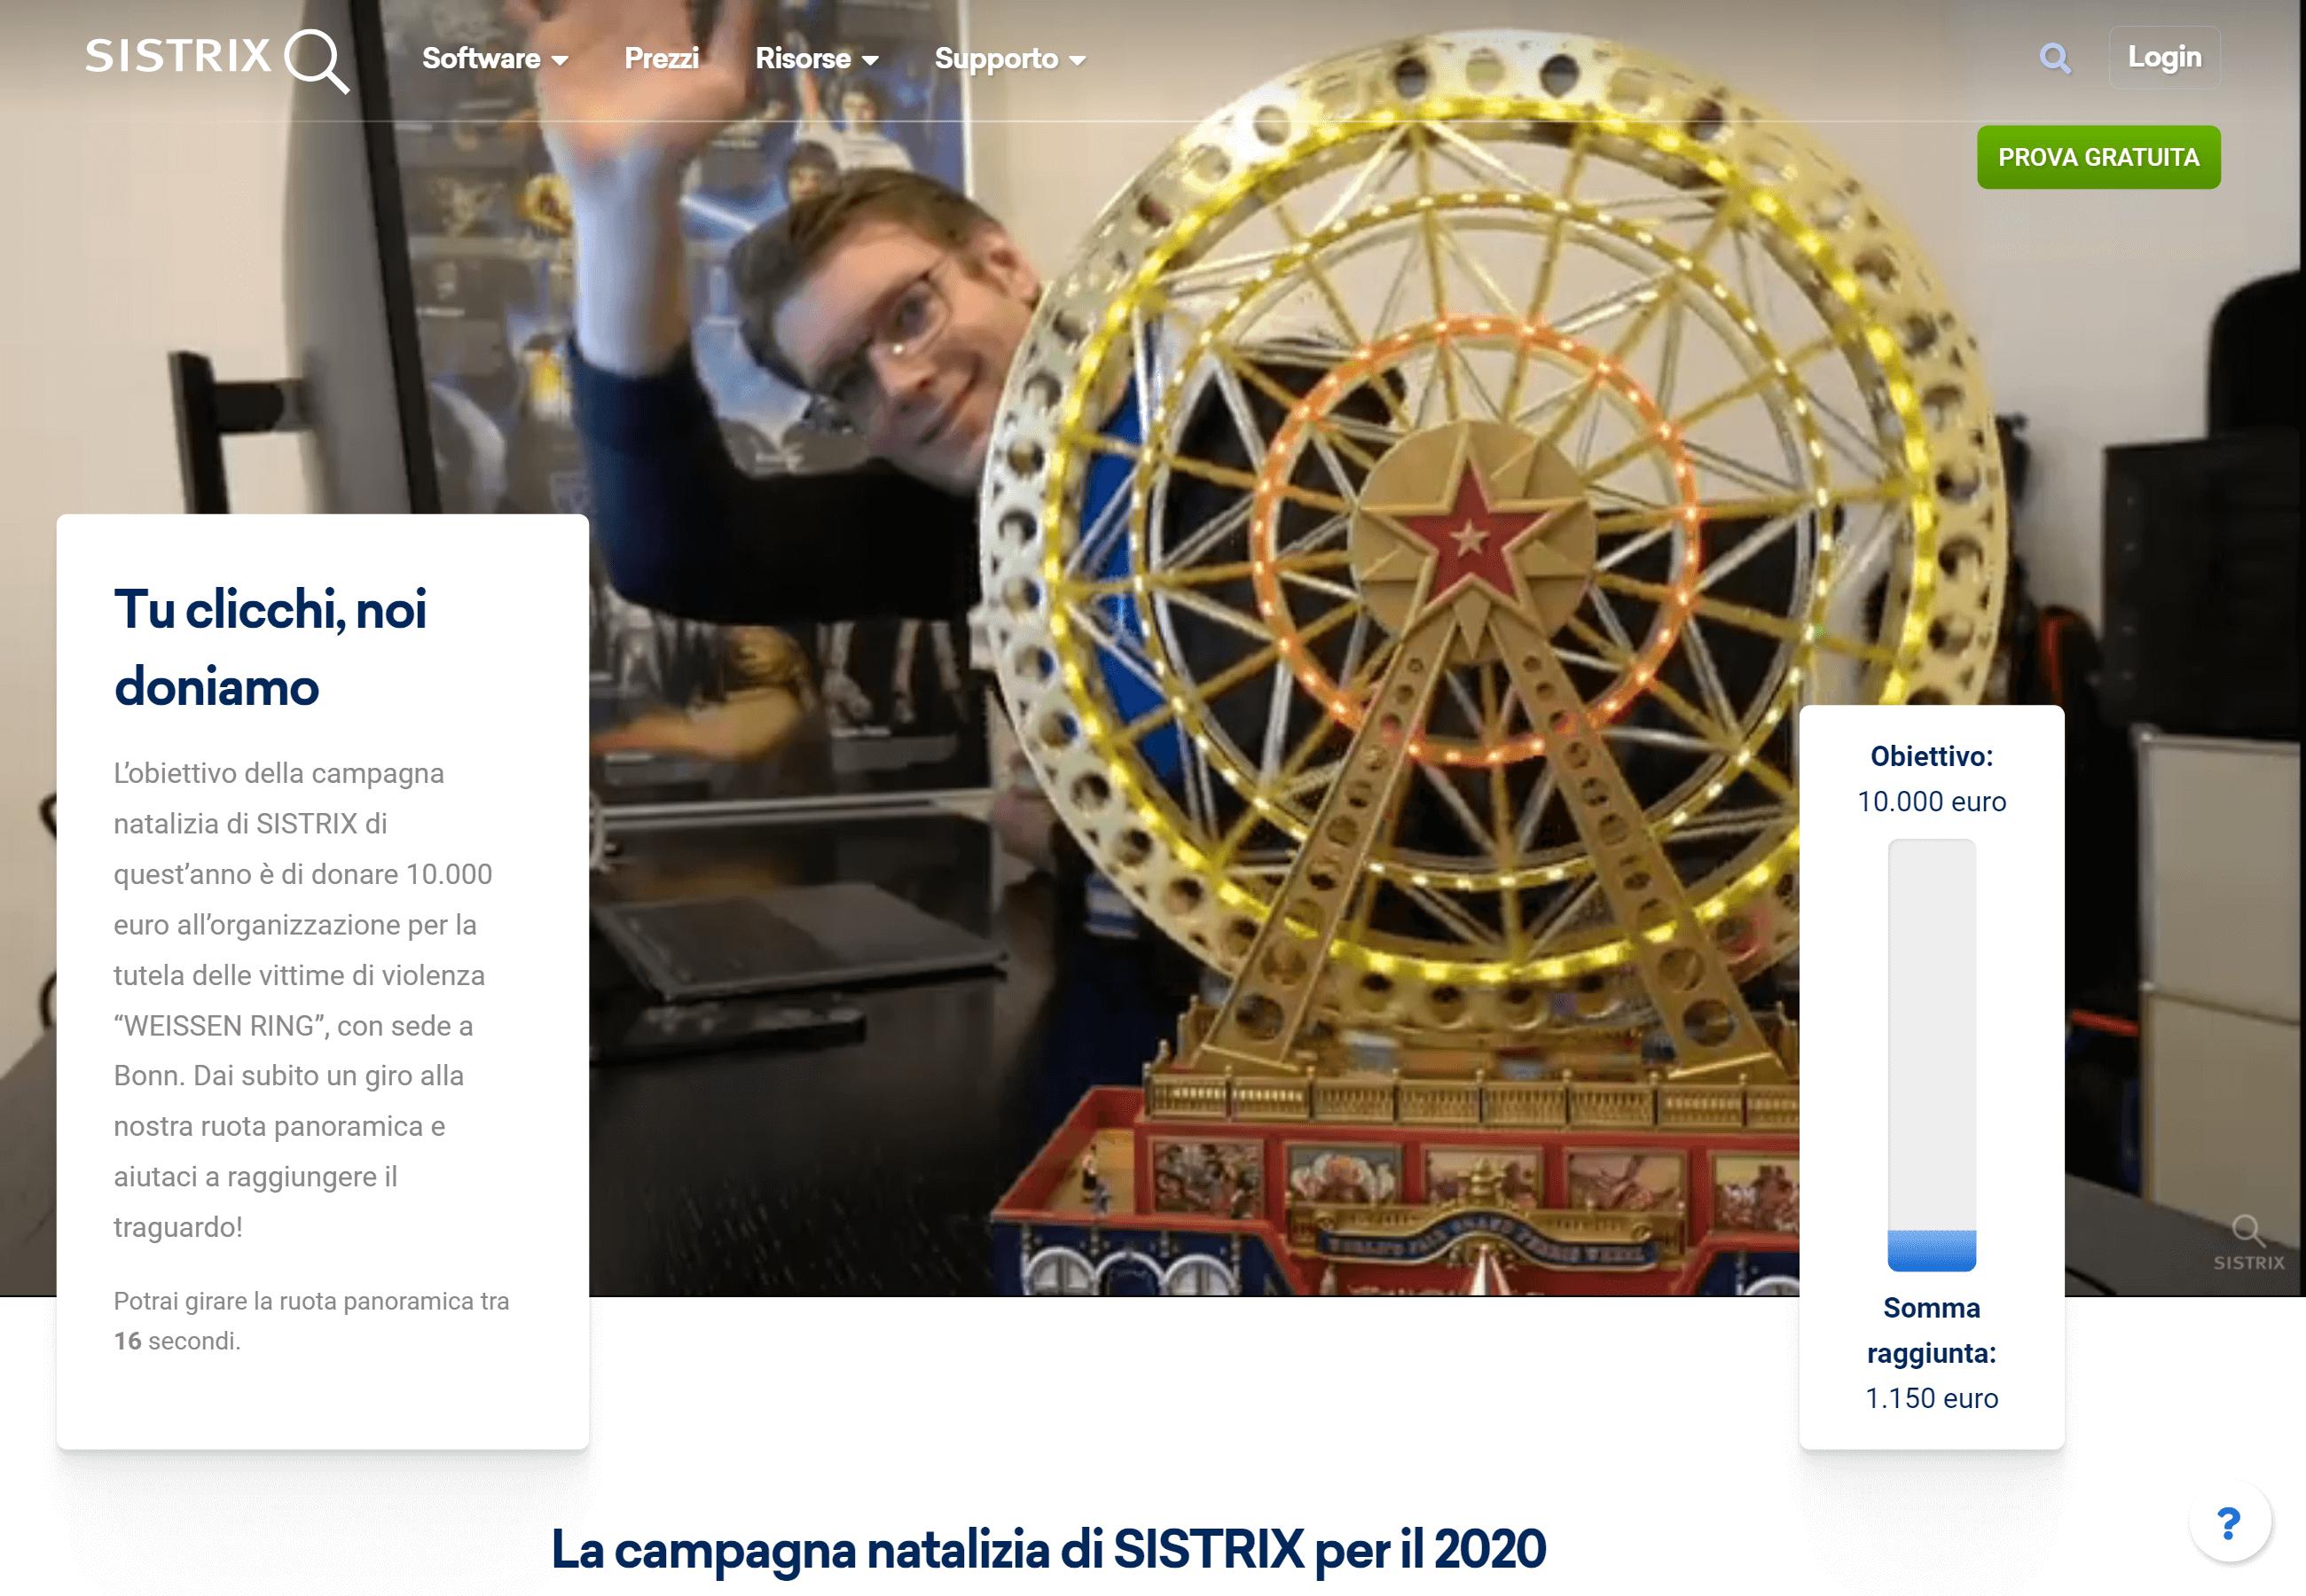 Azione natalizia di SISTRIX 2020